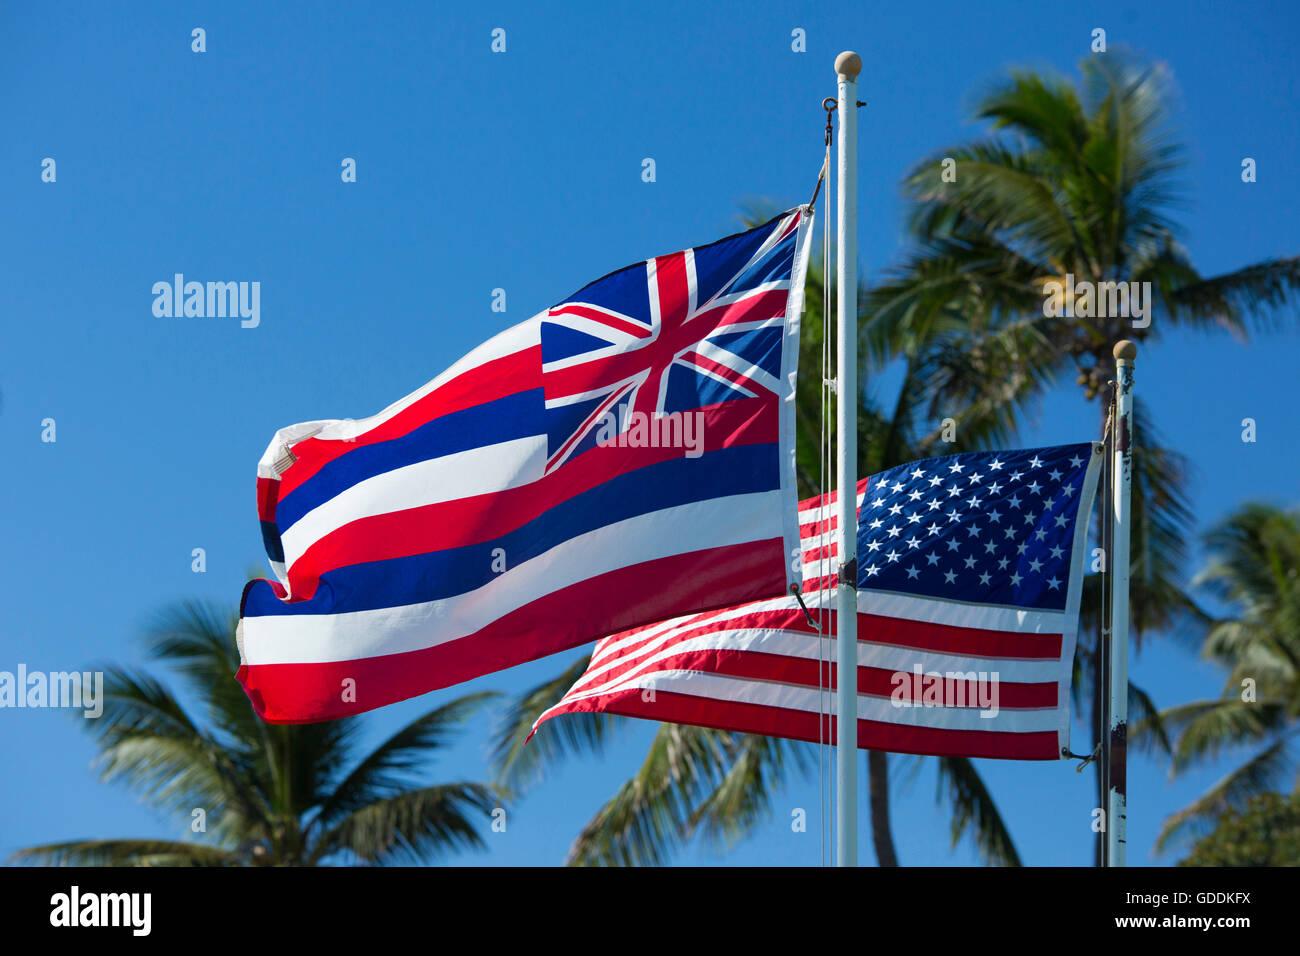 Maui,noi bandiera,banner,STATI UNITI D'AMERICA,Hawaii,l'America,bandiera,bandiere,palme, Immagini Stock